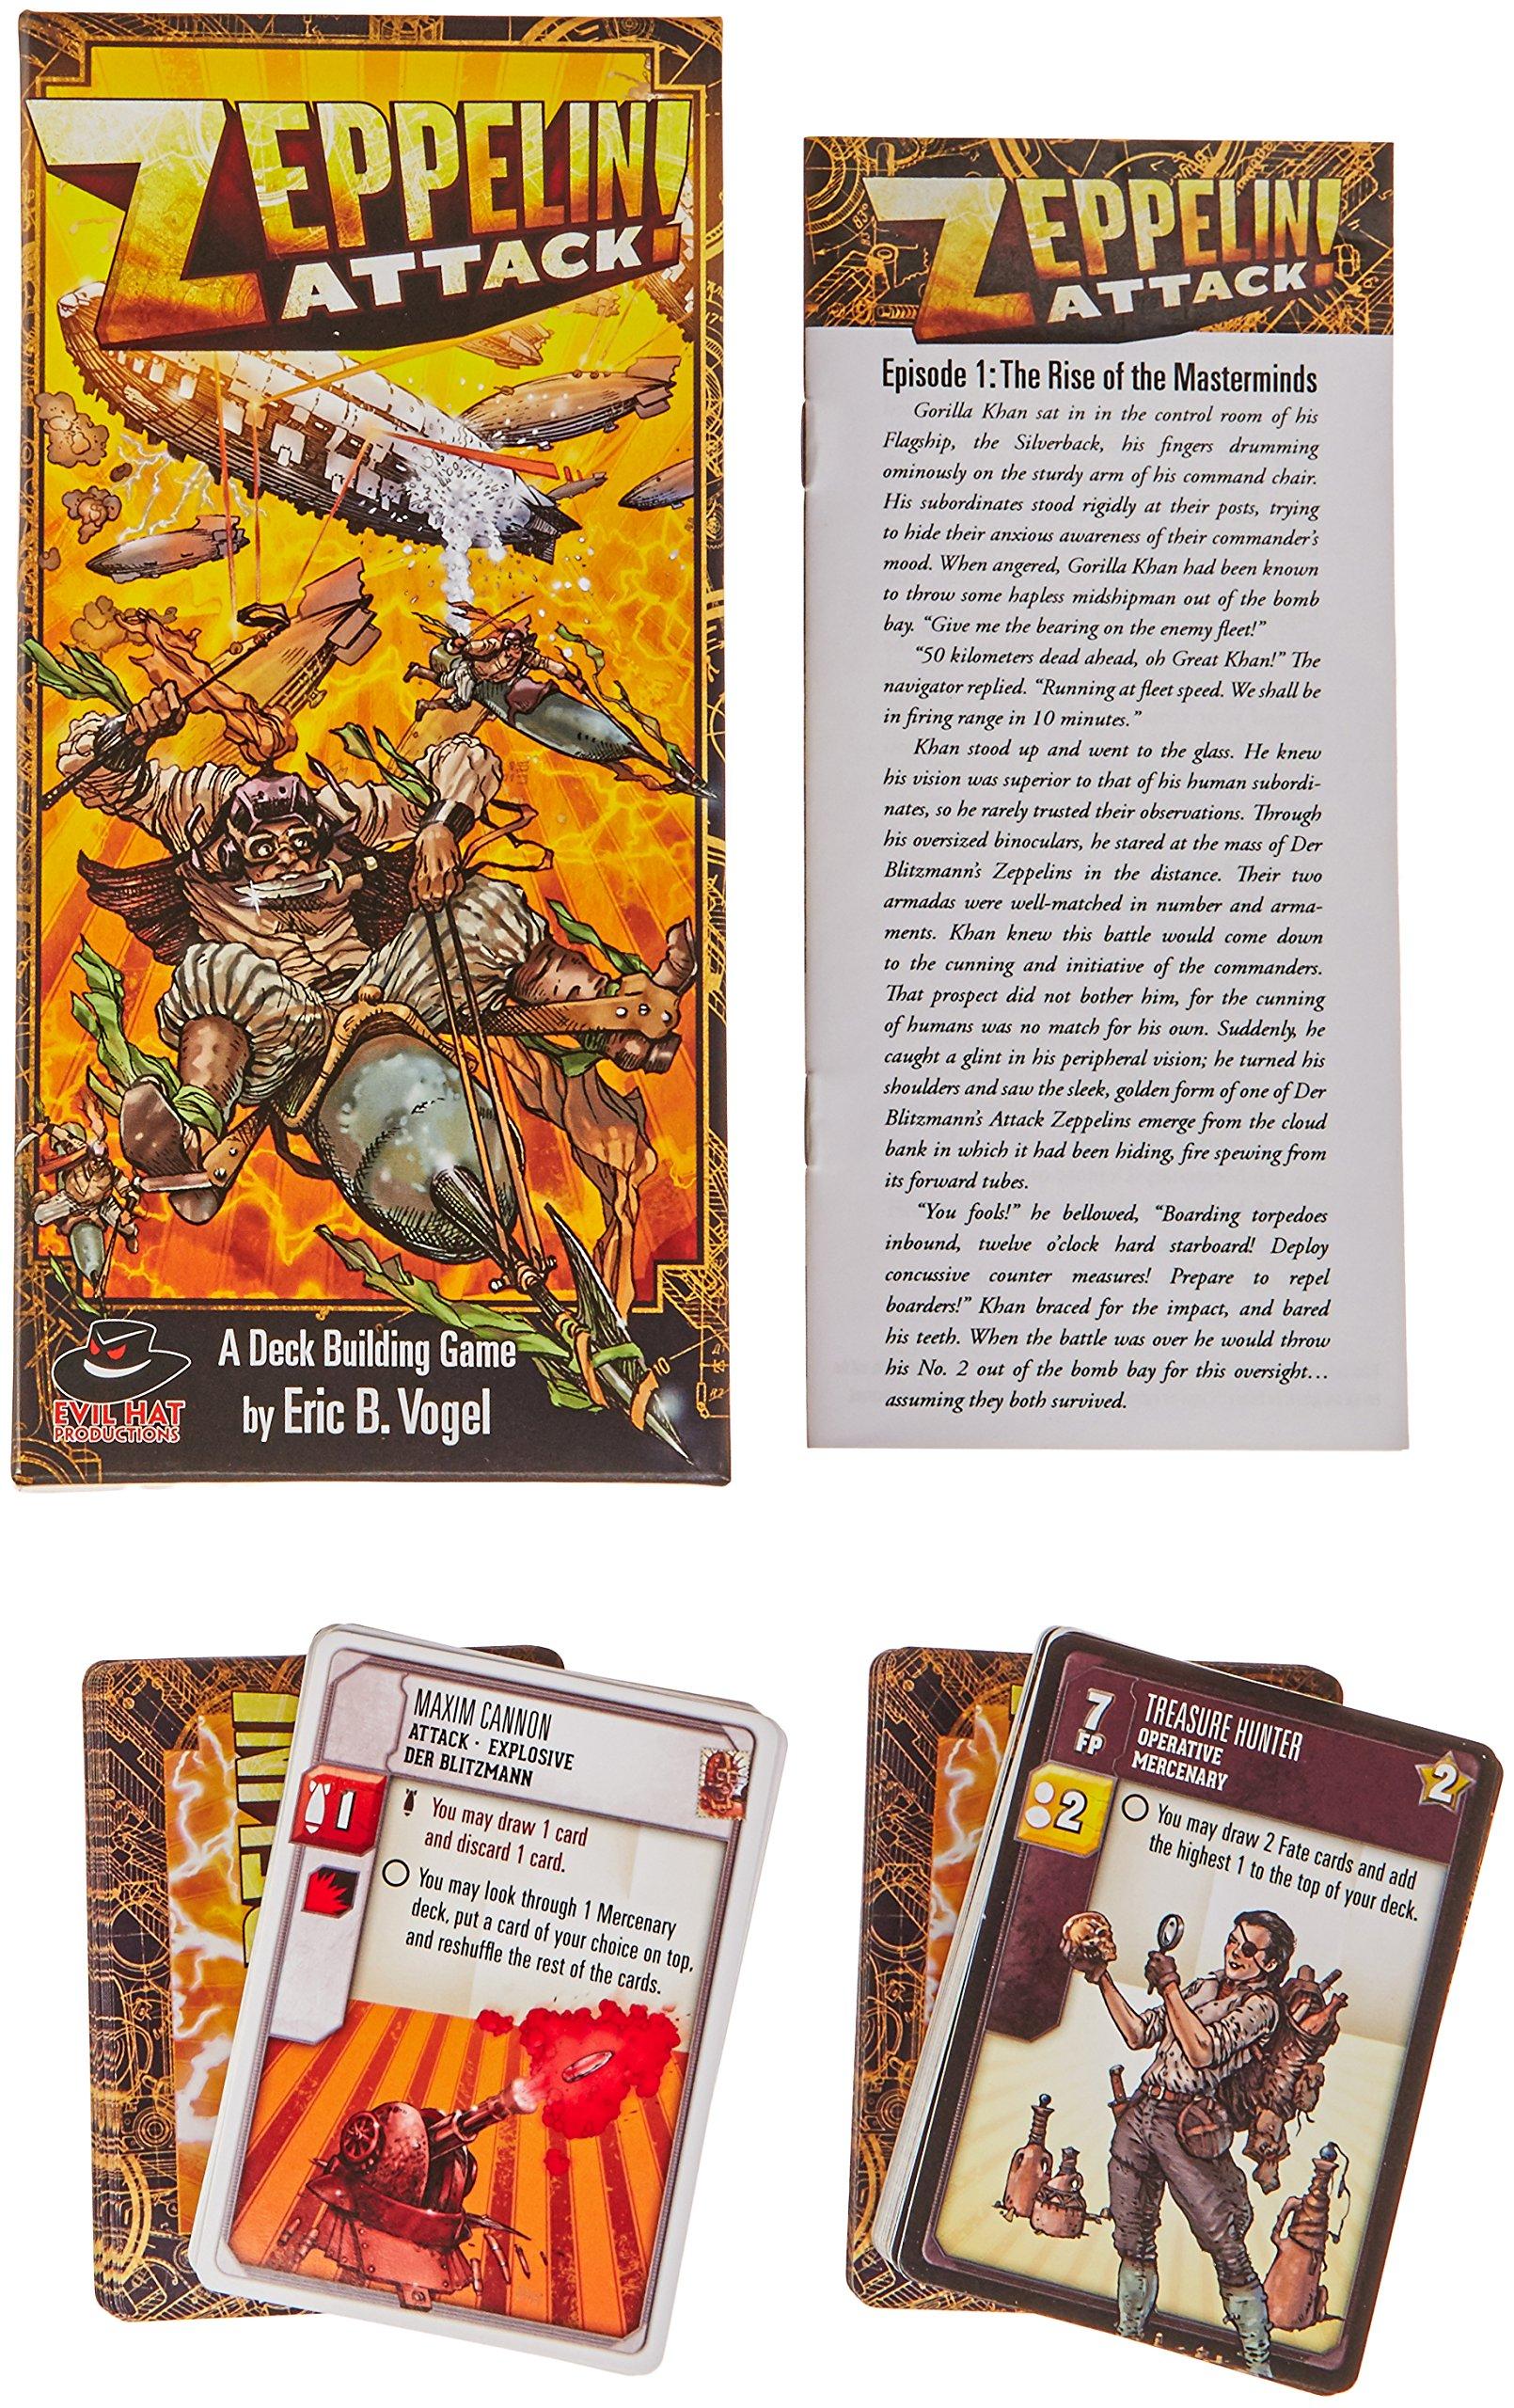 Evil Tiene Productions ehp02012 – Juego de Cartas Spirit of The Century: Zeppelin Attack.: Amazon.es: Juguetes y juegos